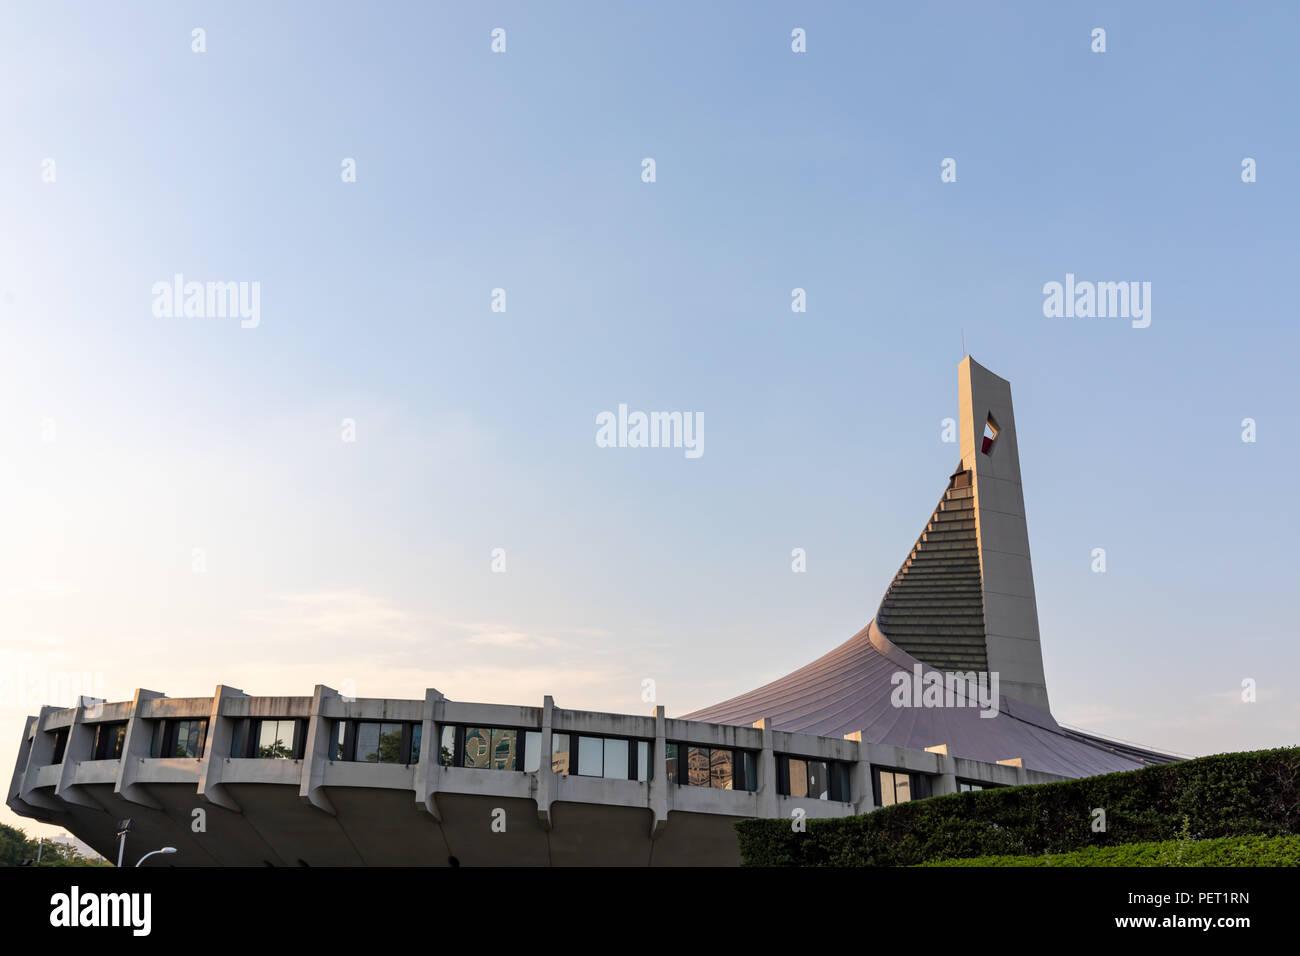 Yoyogi National Stadium (Kenzo Tange), für die Olympischen Spiele 1964 in Tokio, Japan gebaut Stockfoto